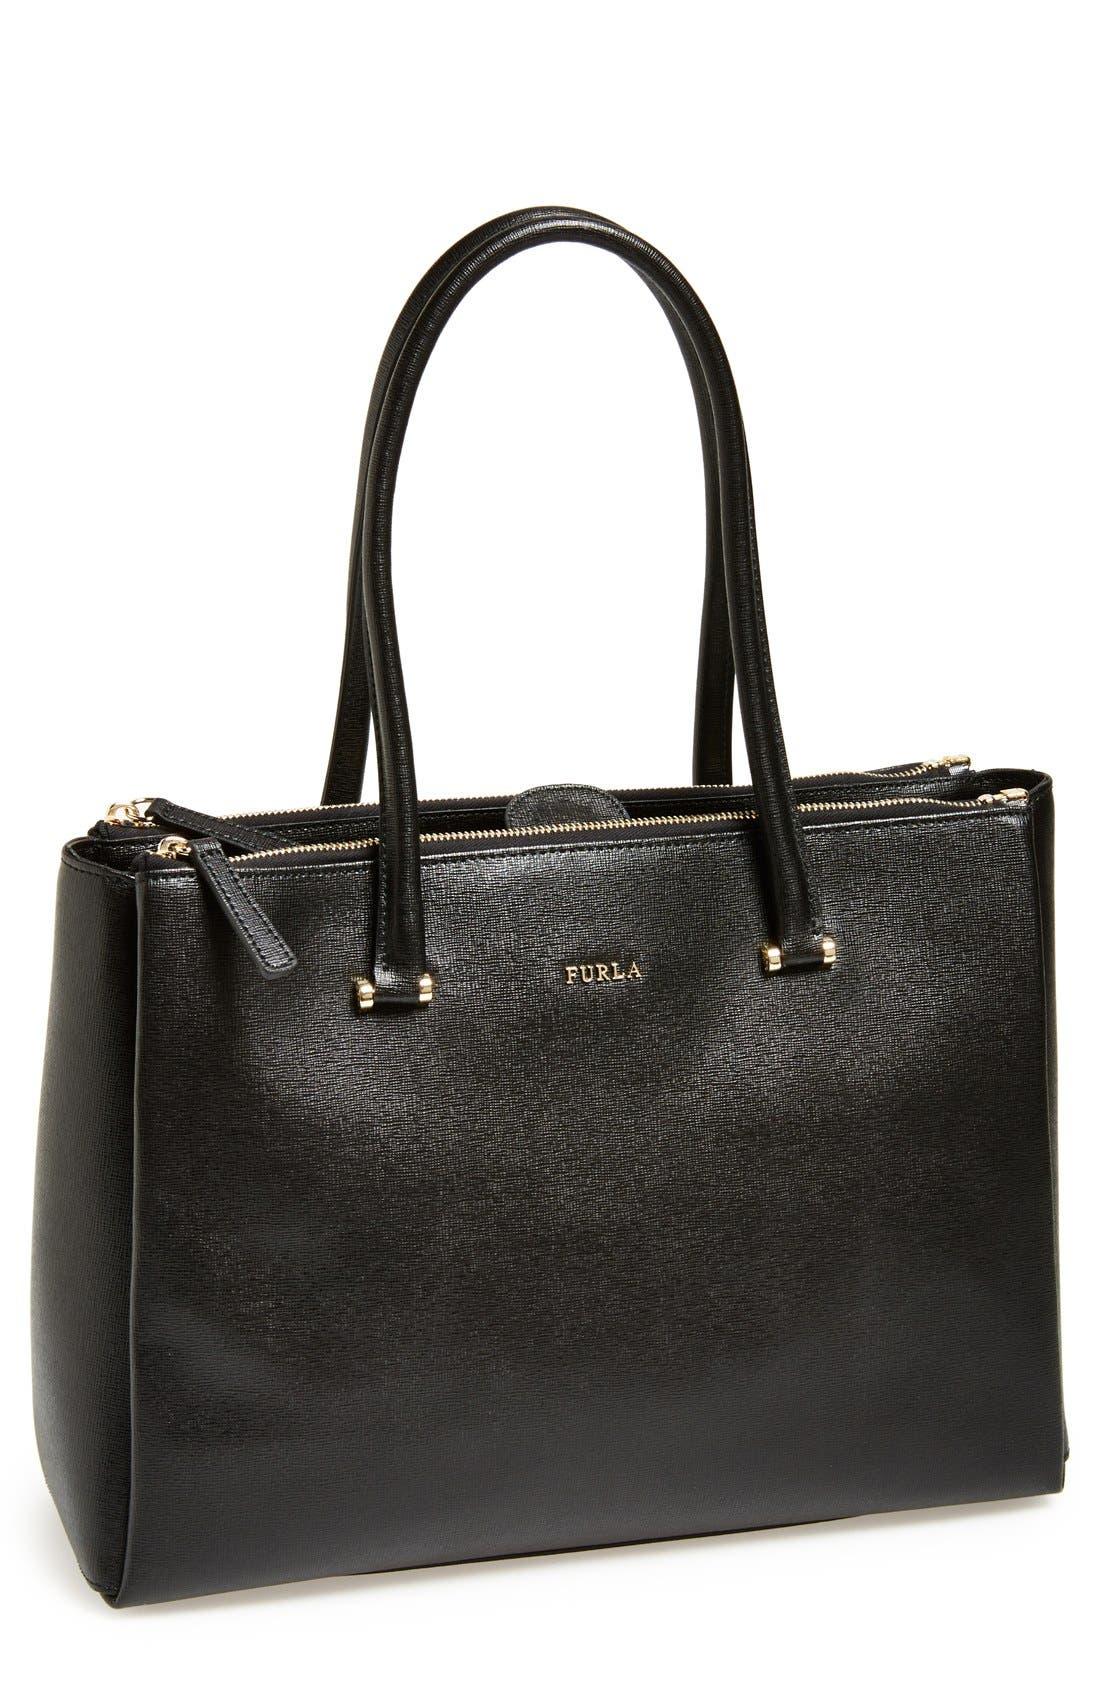 Main Image - Furla 'Large Lotus' Saffiano Leather Tote